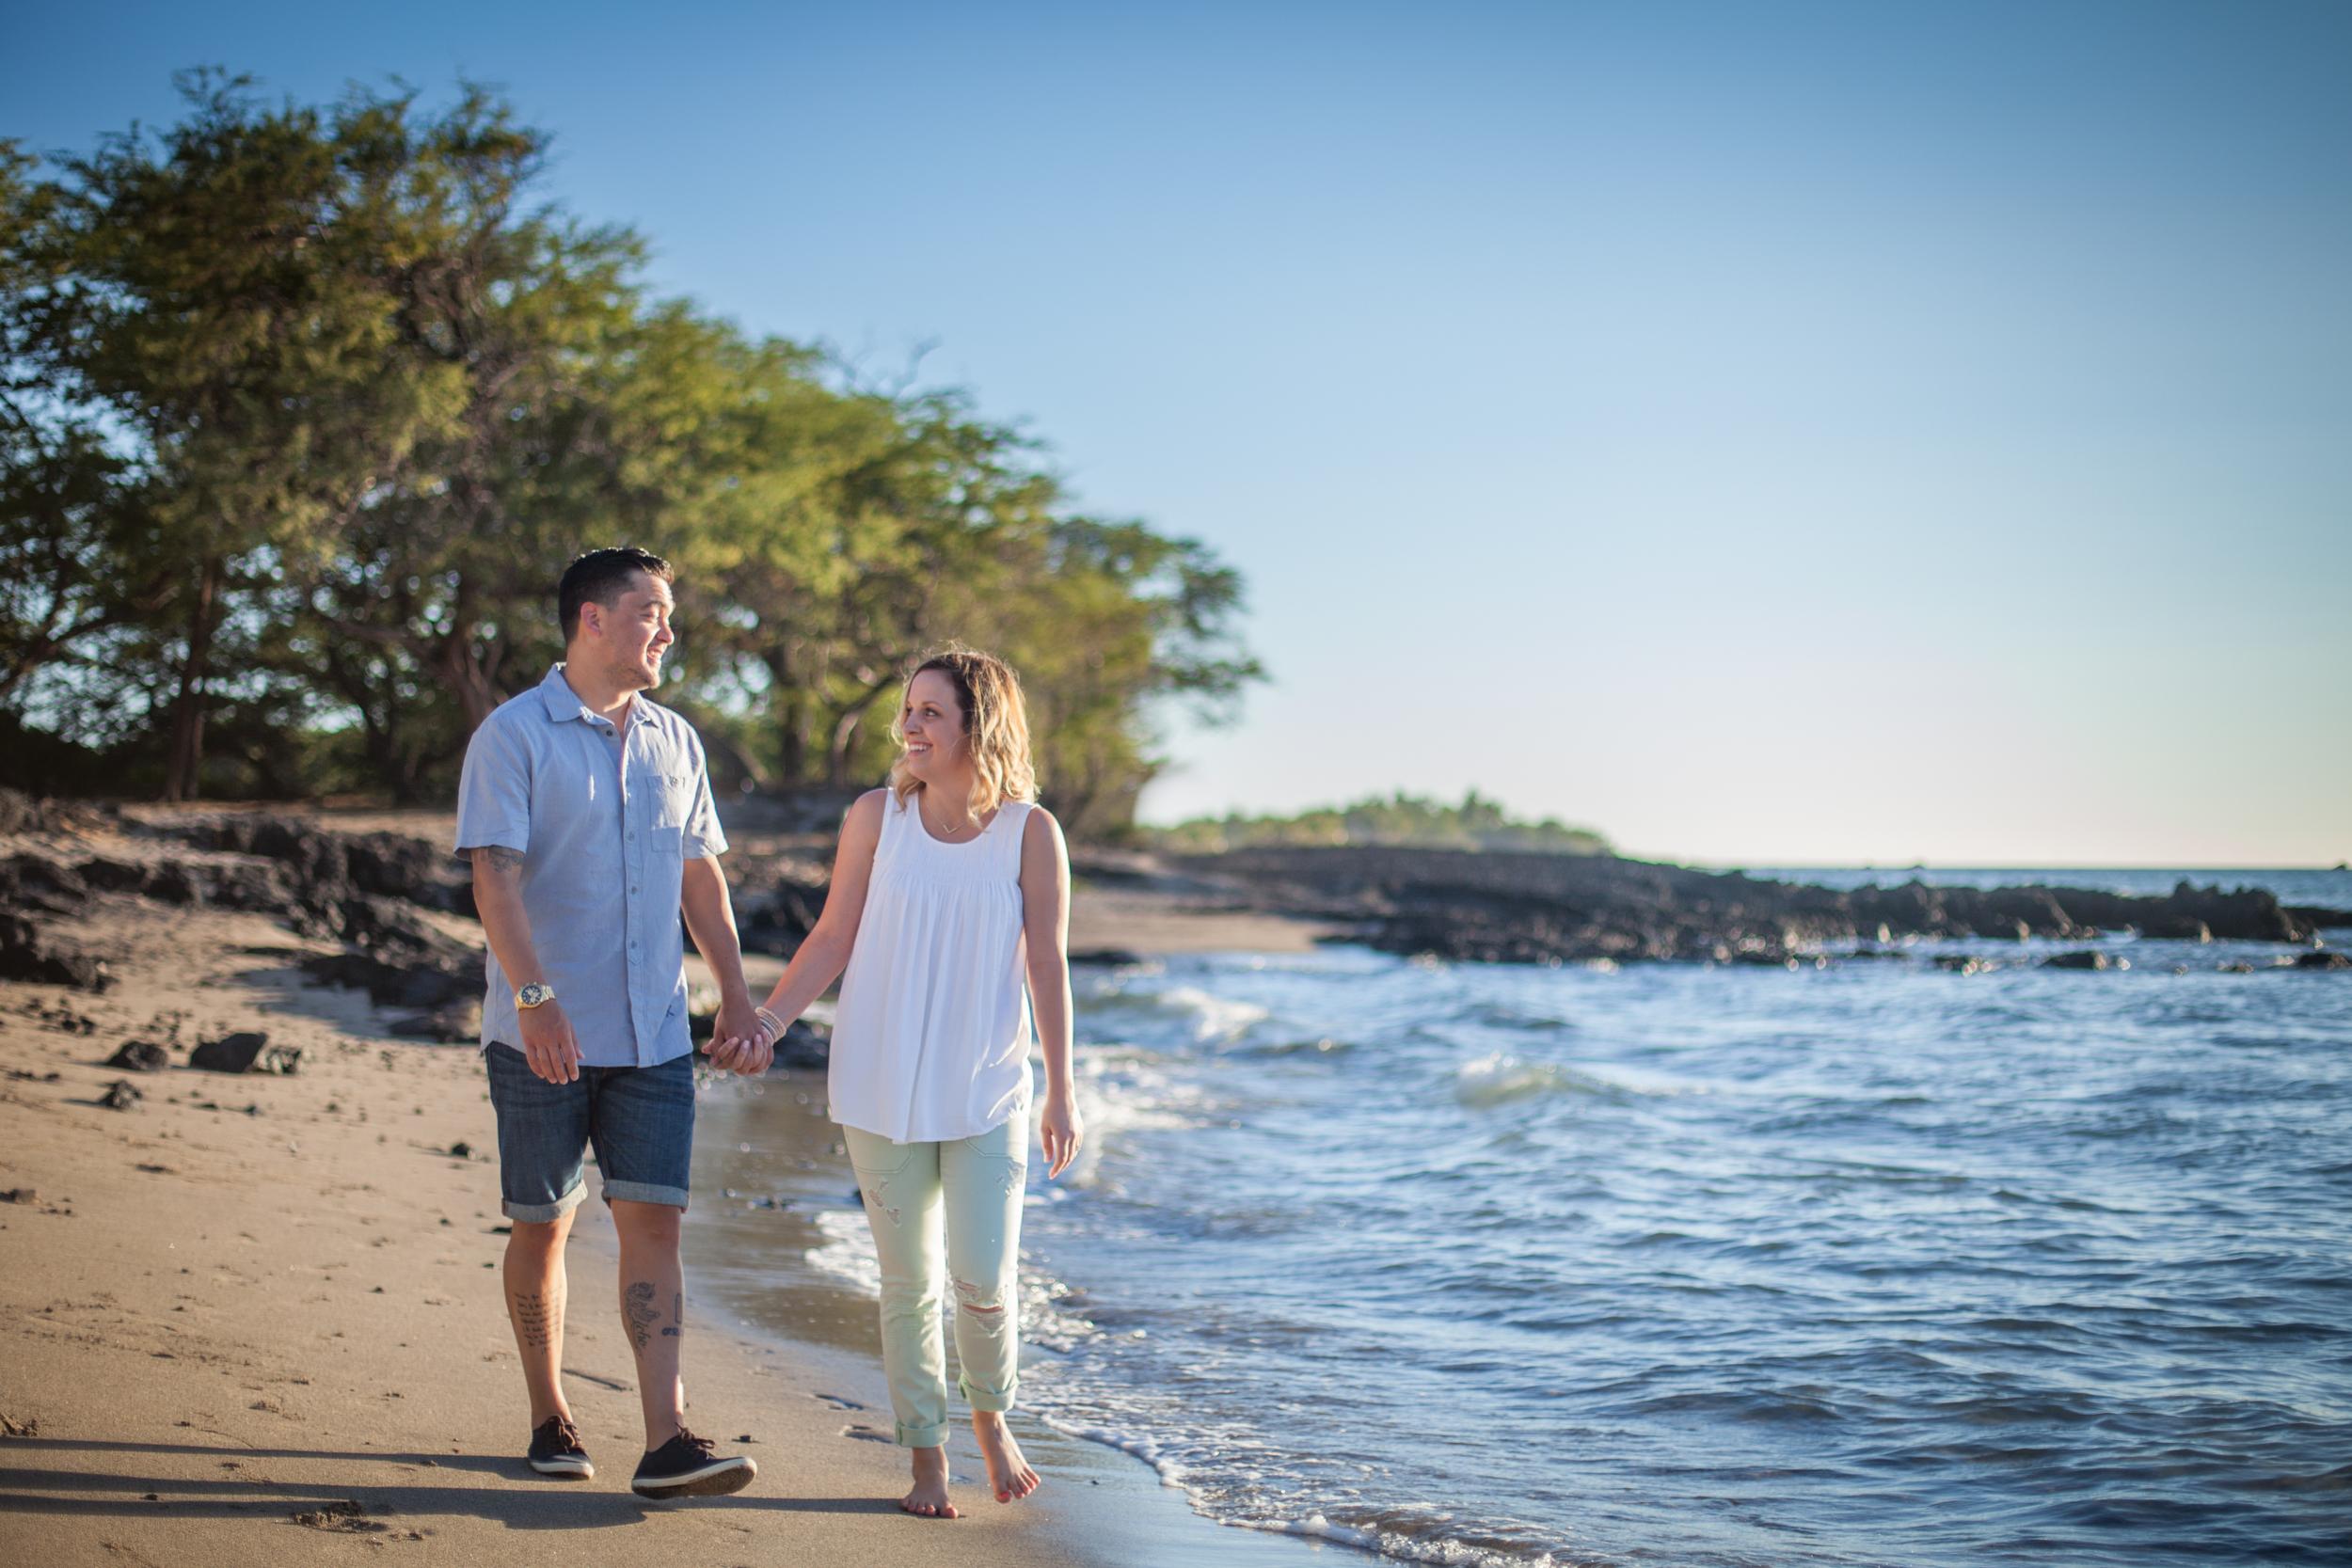 big island hawaii engagement photography 20150529181144-1.jpg